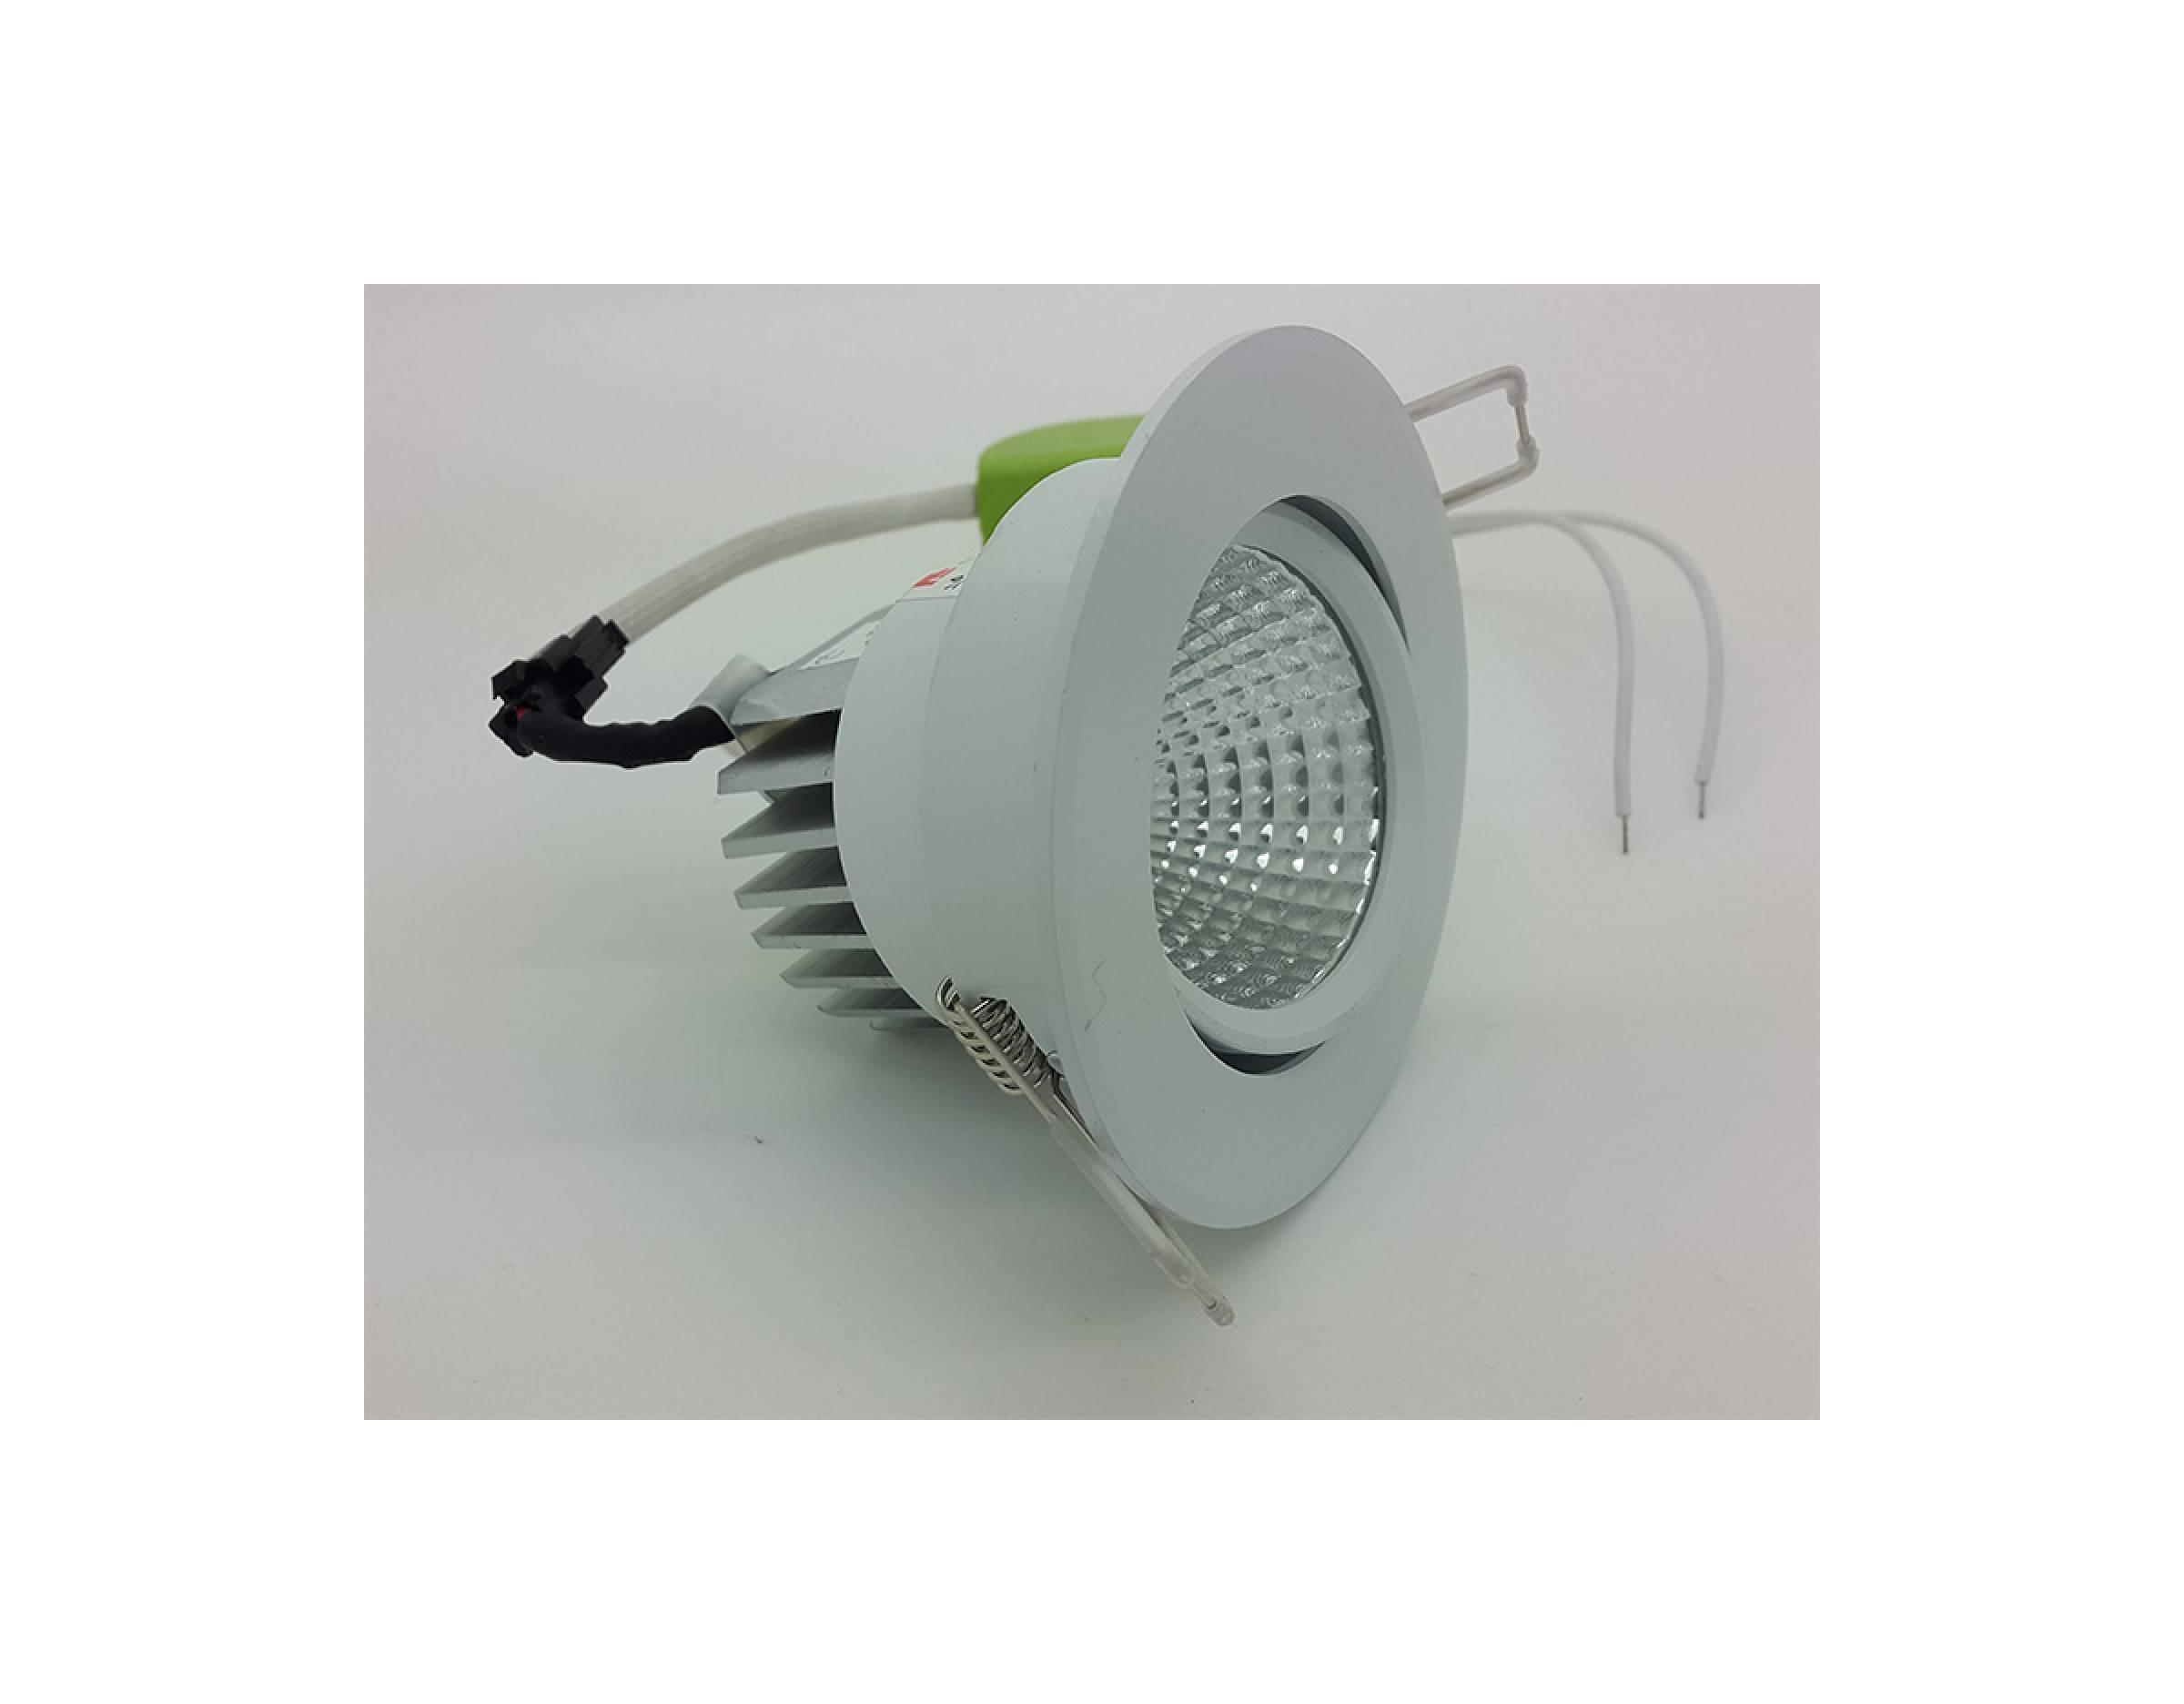 amp 240 Watt pengalihan catu daya sopir transformator untuk Strip LED kamera keamanan . Source ·